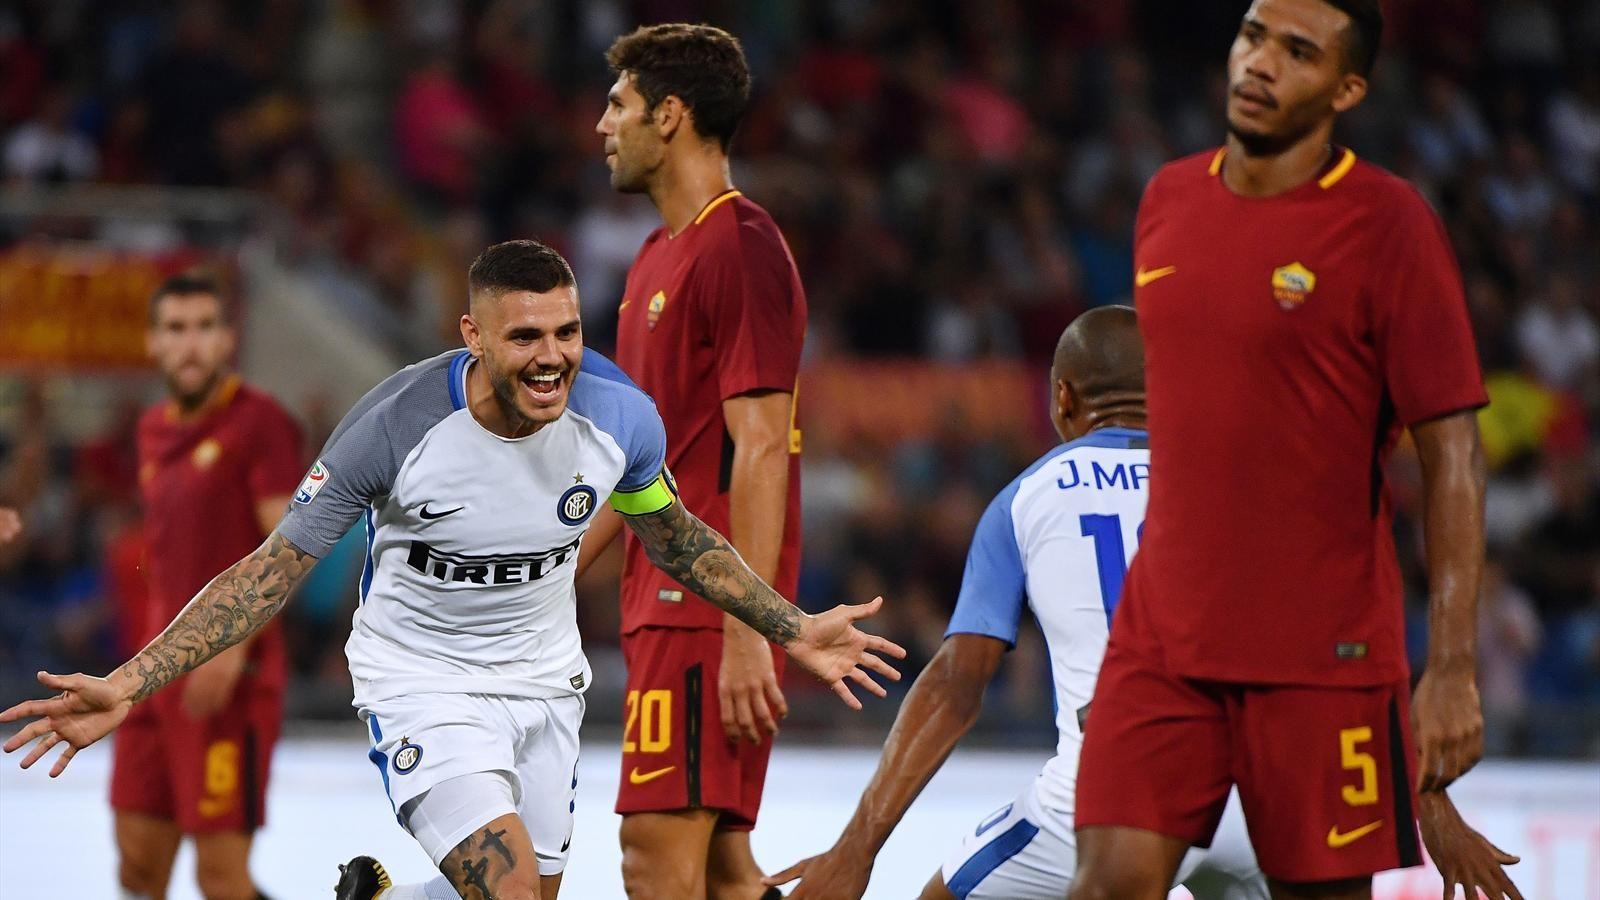 Прямая трансляция матча «Рома» — «Интер».2 декабря. 22:30.